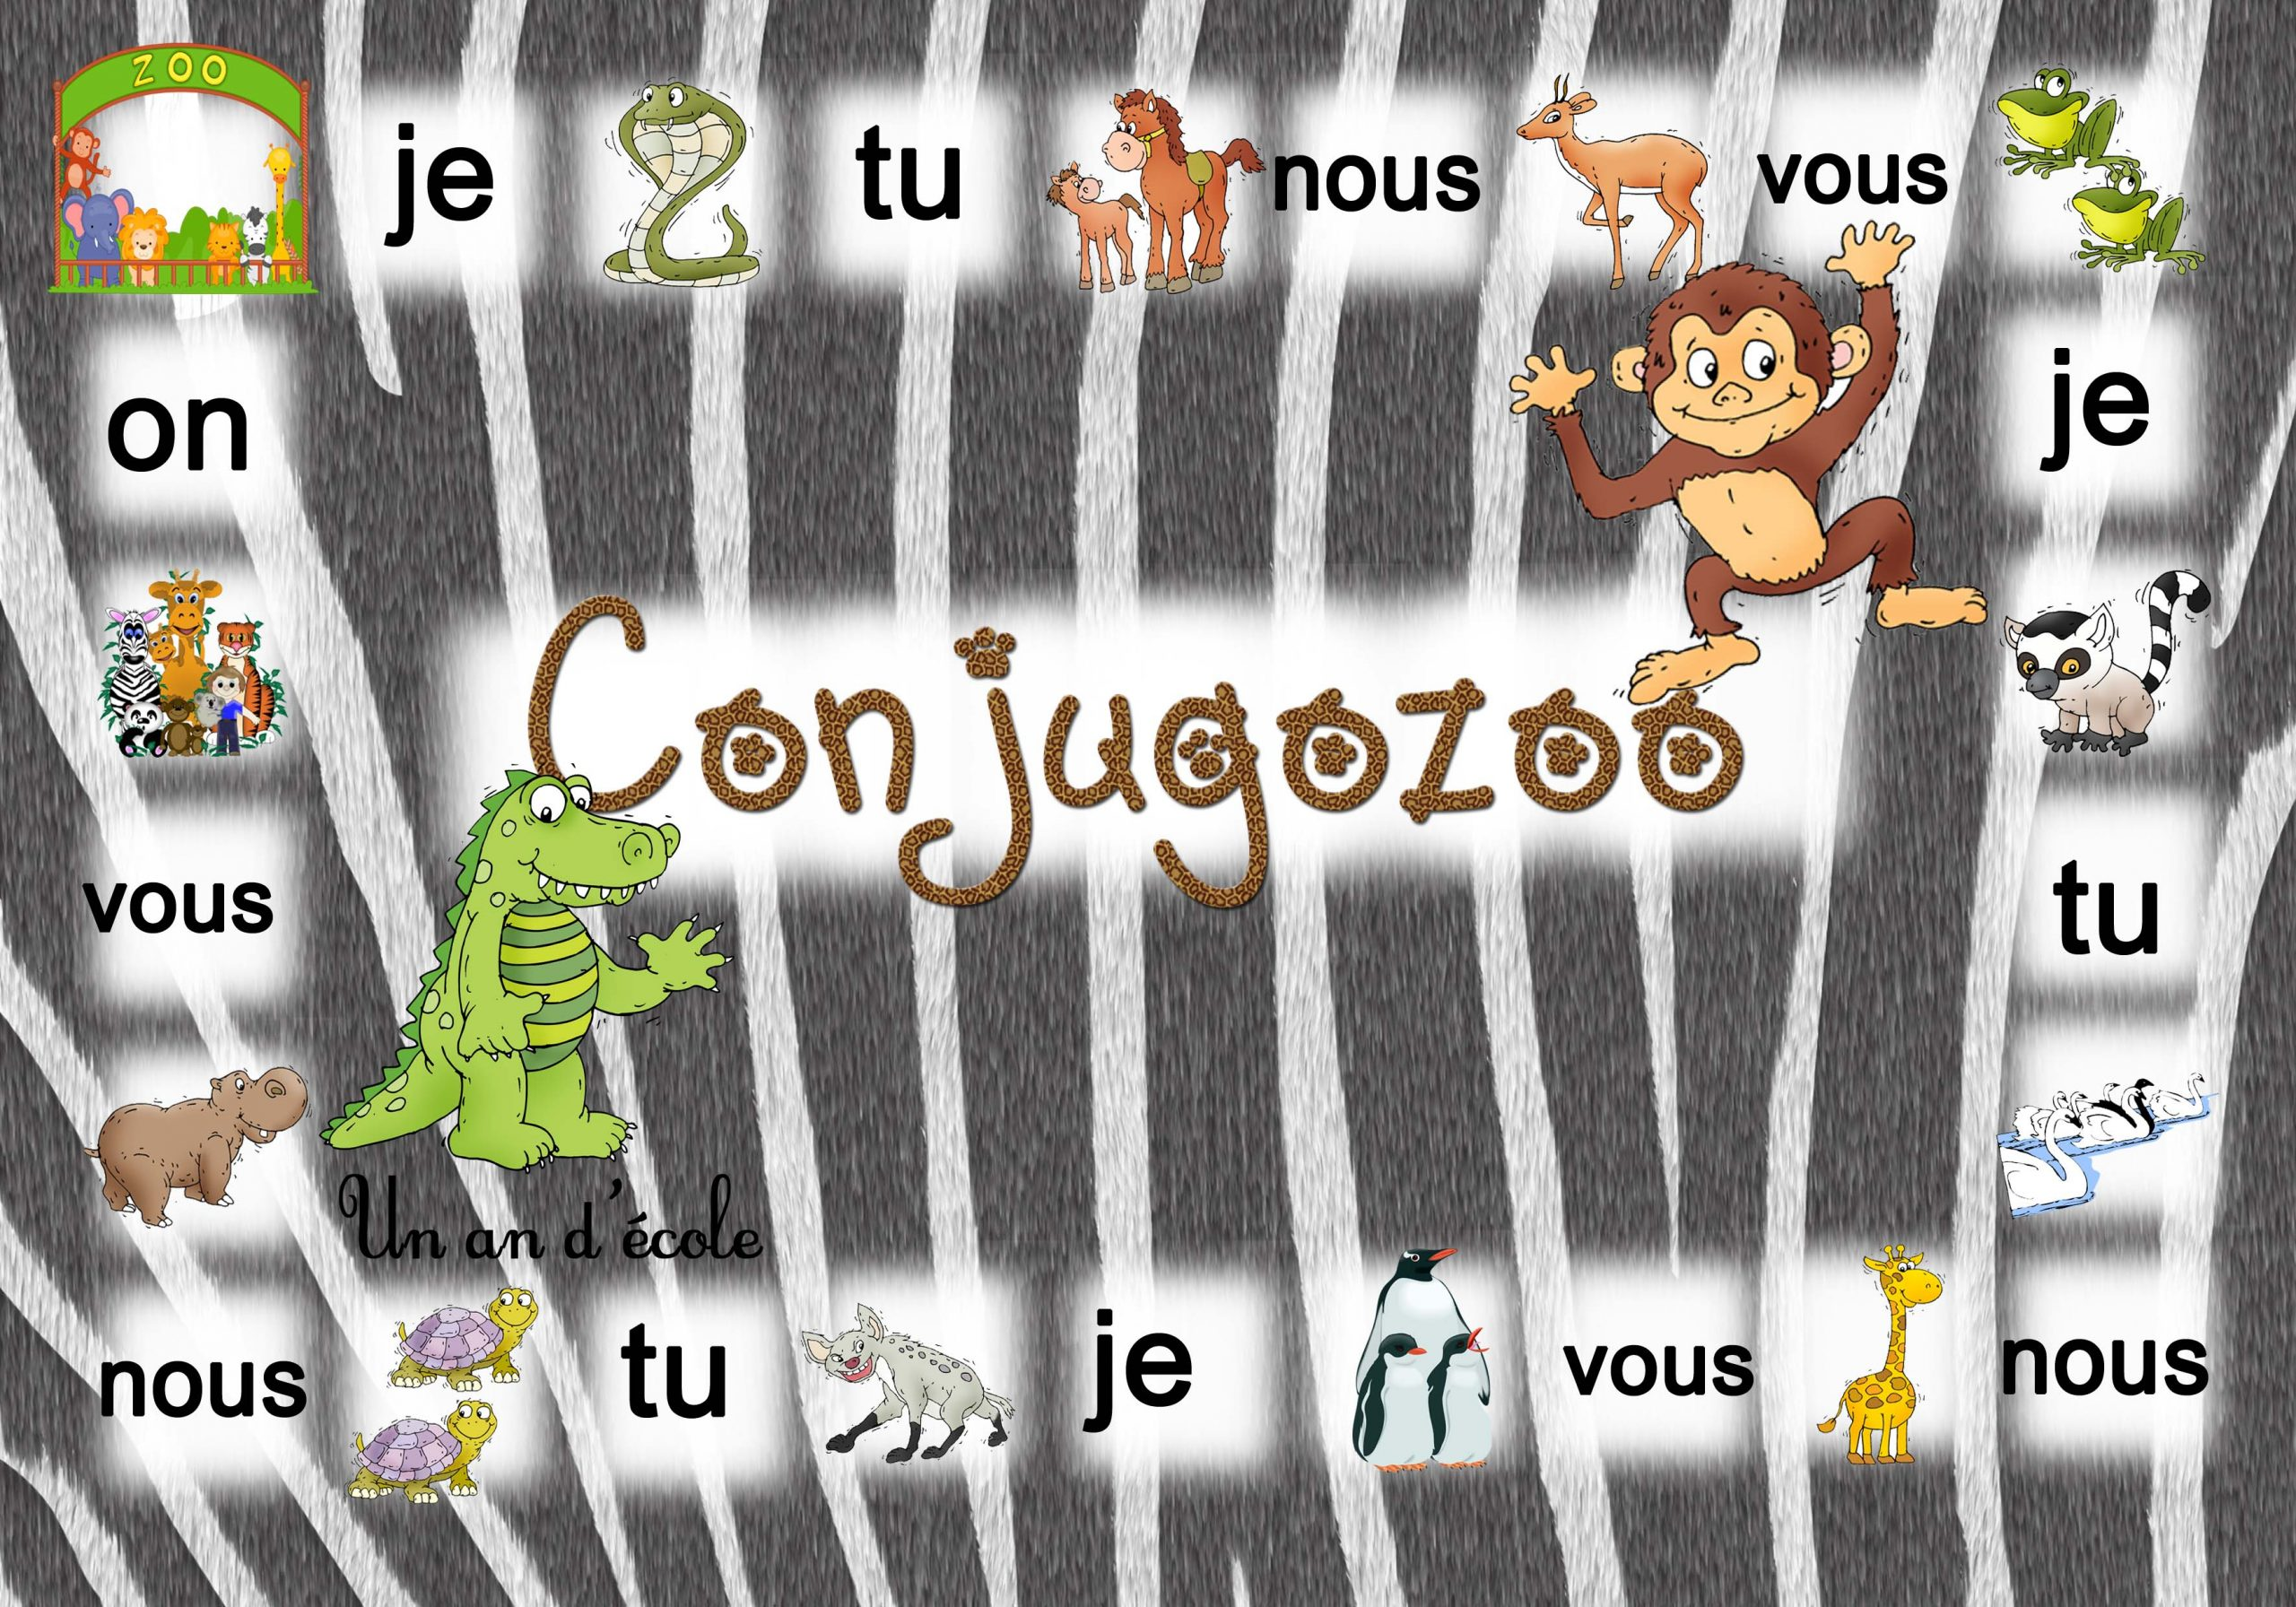 Conjugozoo : Jeu Pour Conjuguer Du Ce1 Au Cm2 En Passant Par à Jeux De Ce1 Gratuit En Ligne